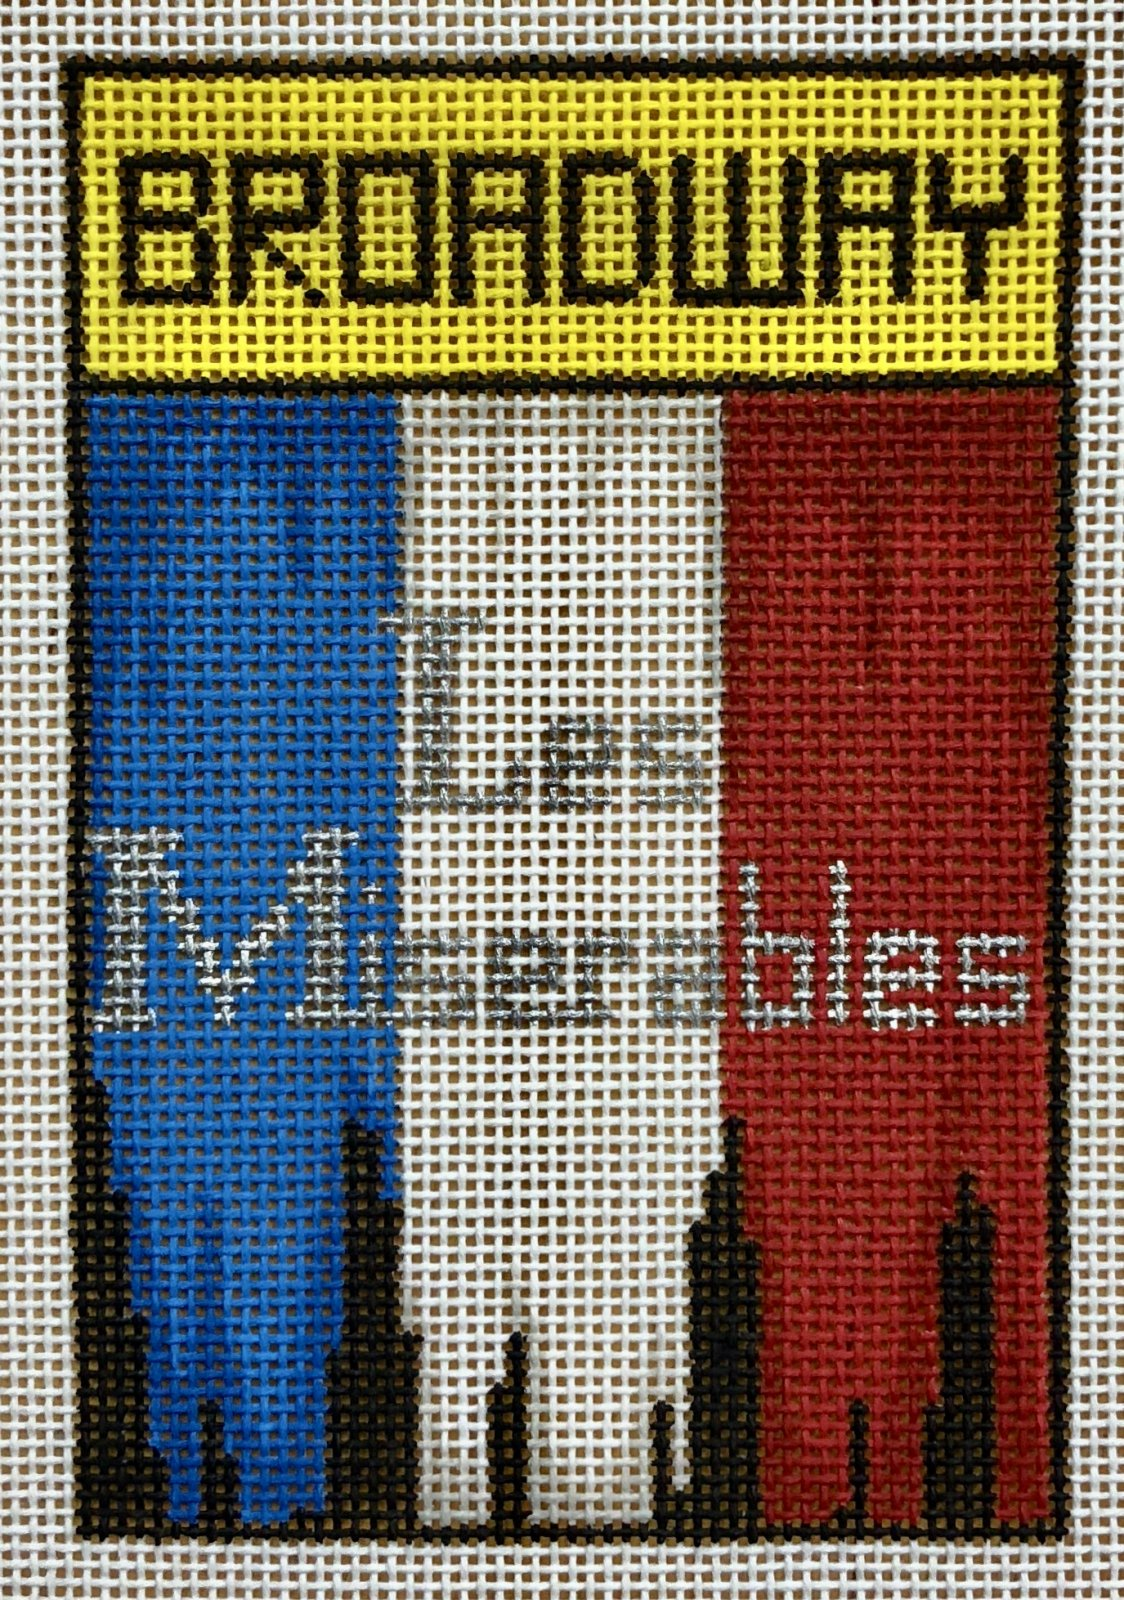 broadway: les miserables